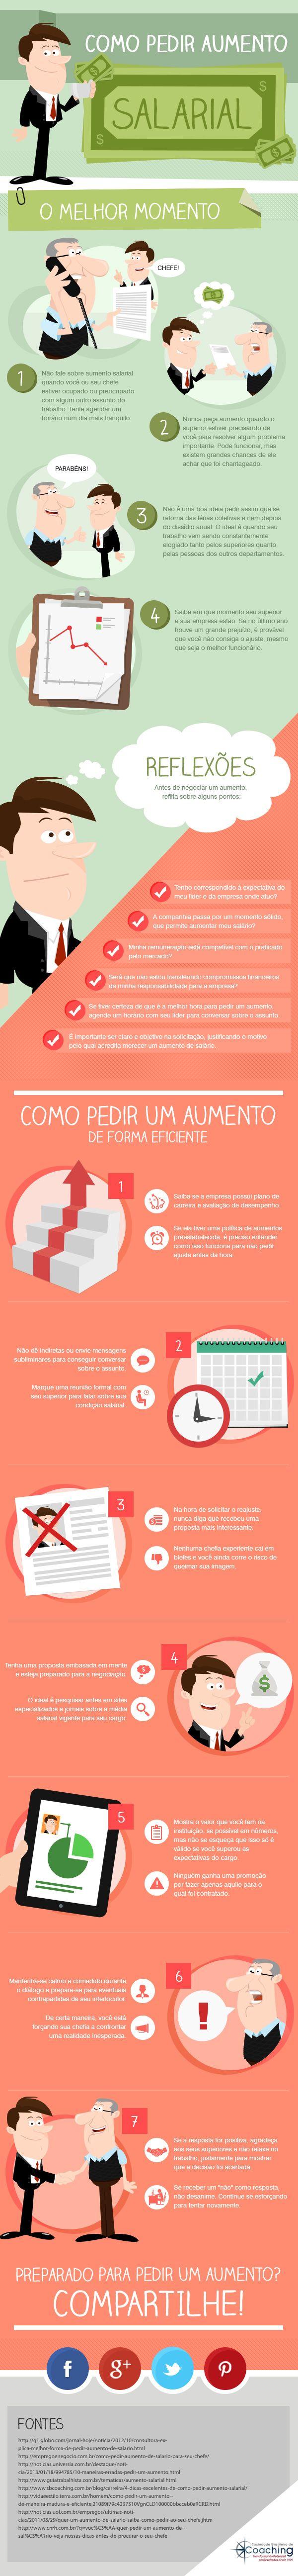 Infográfico - Como pedir aumento salarial